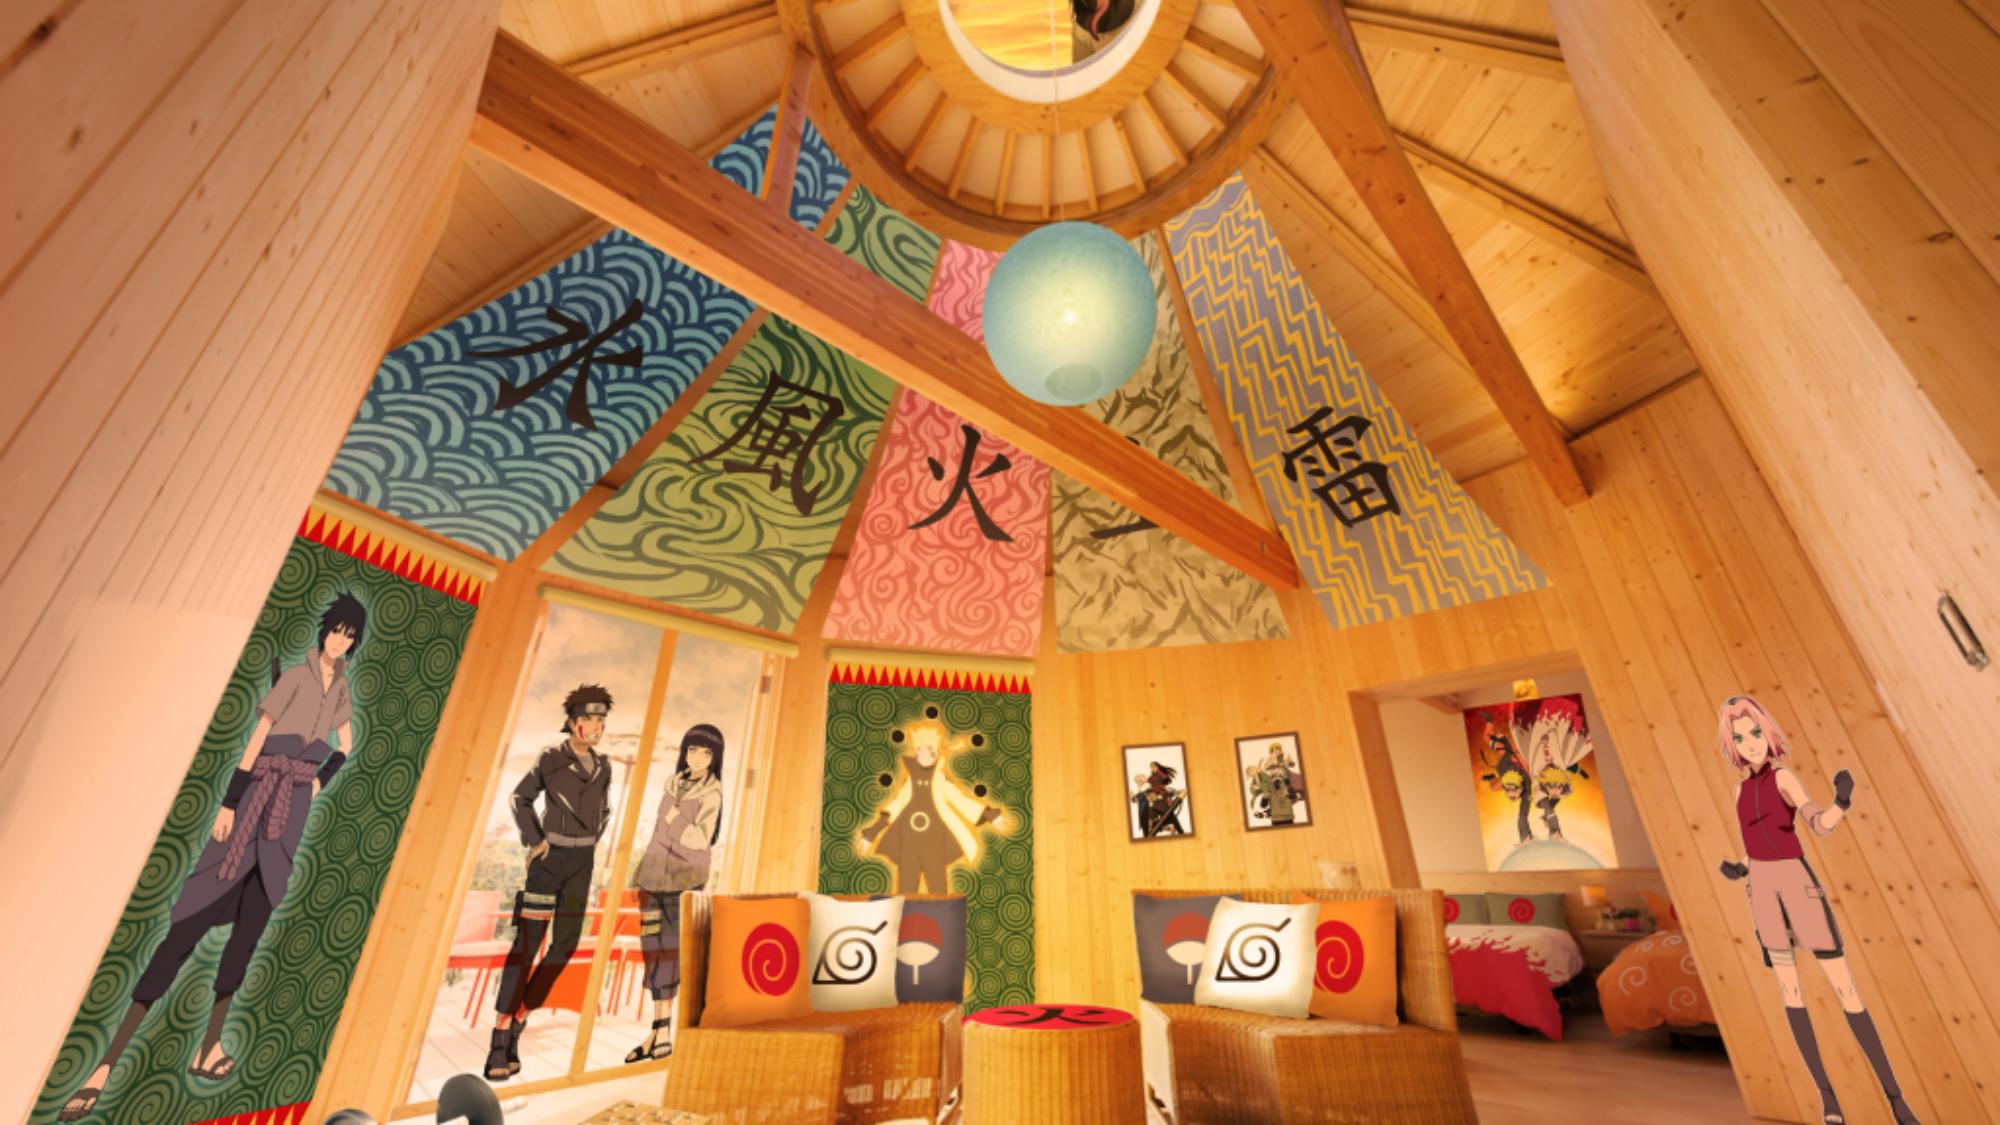 """以""""火影忍者""""為主題的新建築"""" Hokage no villa""""將於6月1日在Nizigen Nomori的豪華帳篷設施"""" GRAND CHARIOT Hokuto Shichisei 135°""""開幕。 隨著開幕,"""" Hokage no Villa""""的預訂已從5月25日星期一開始。"""